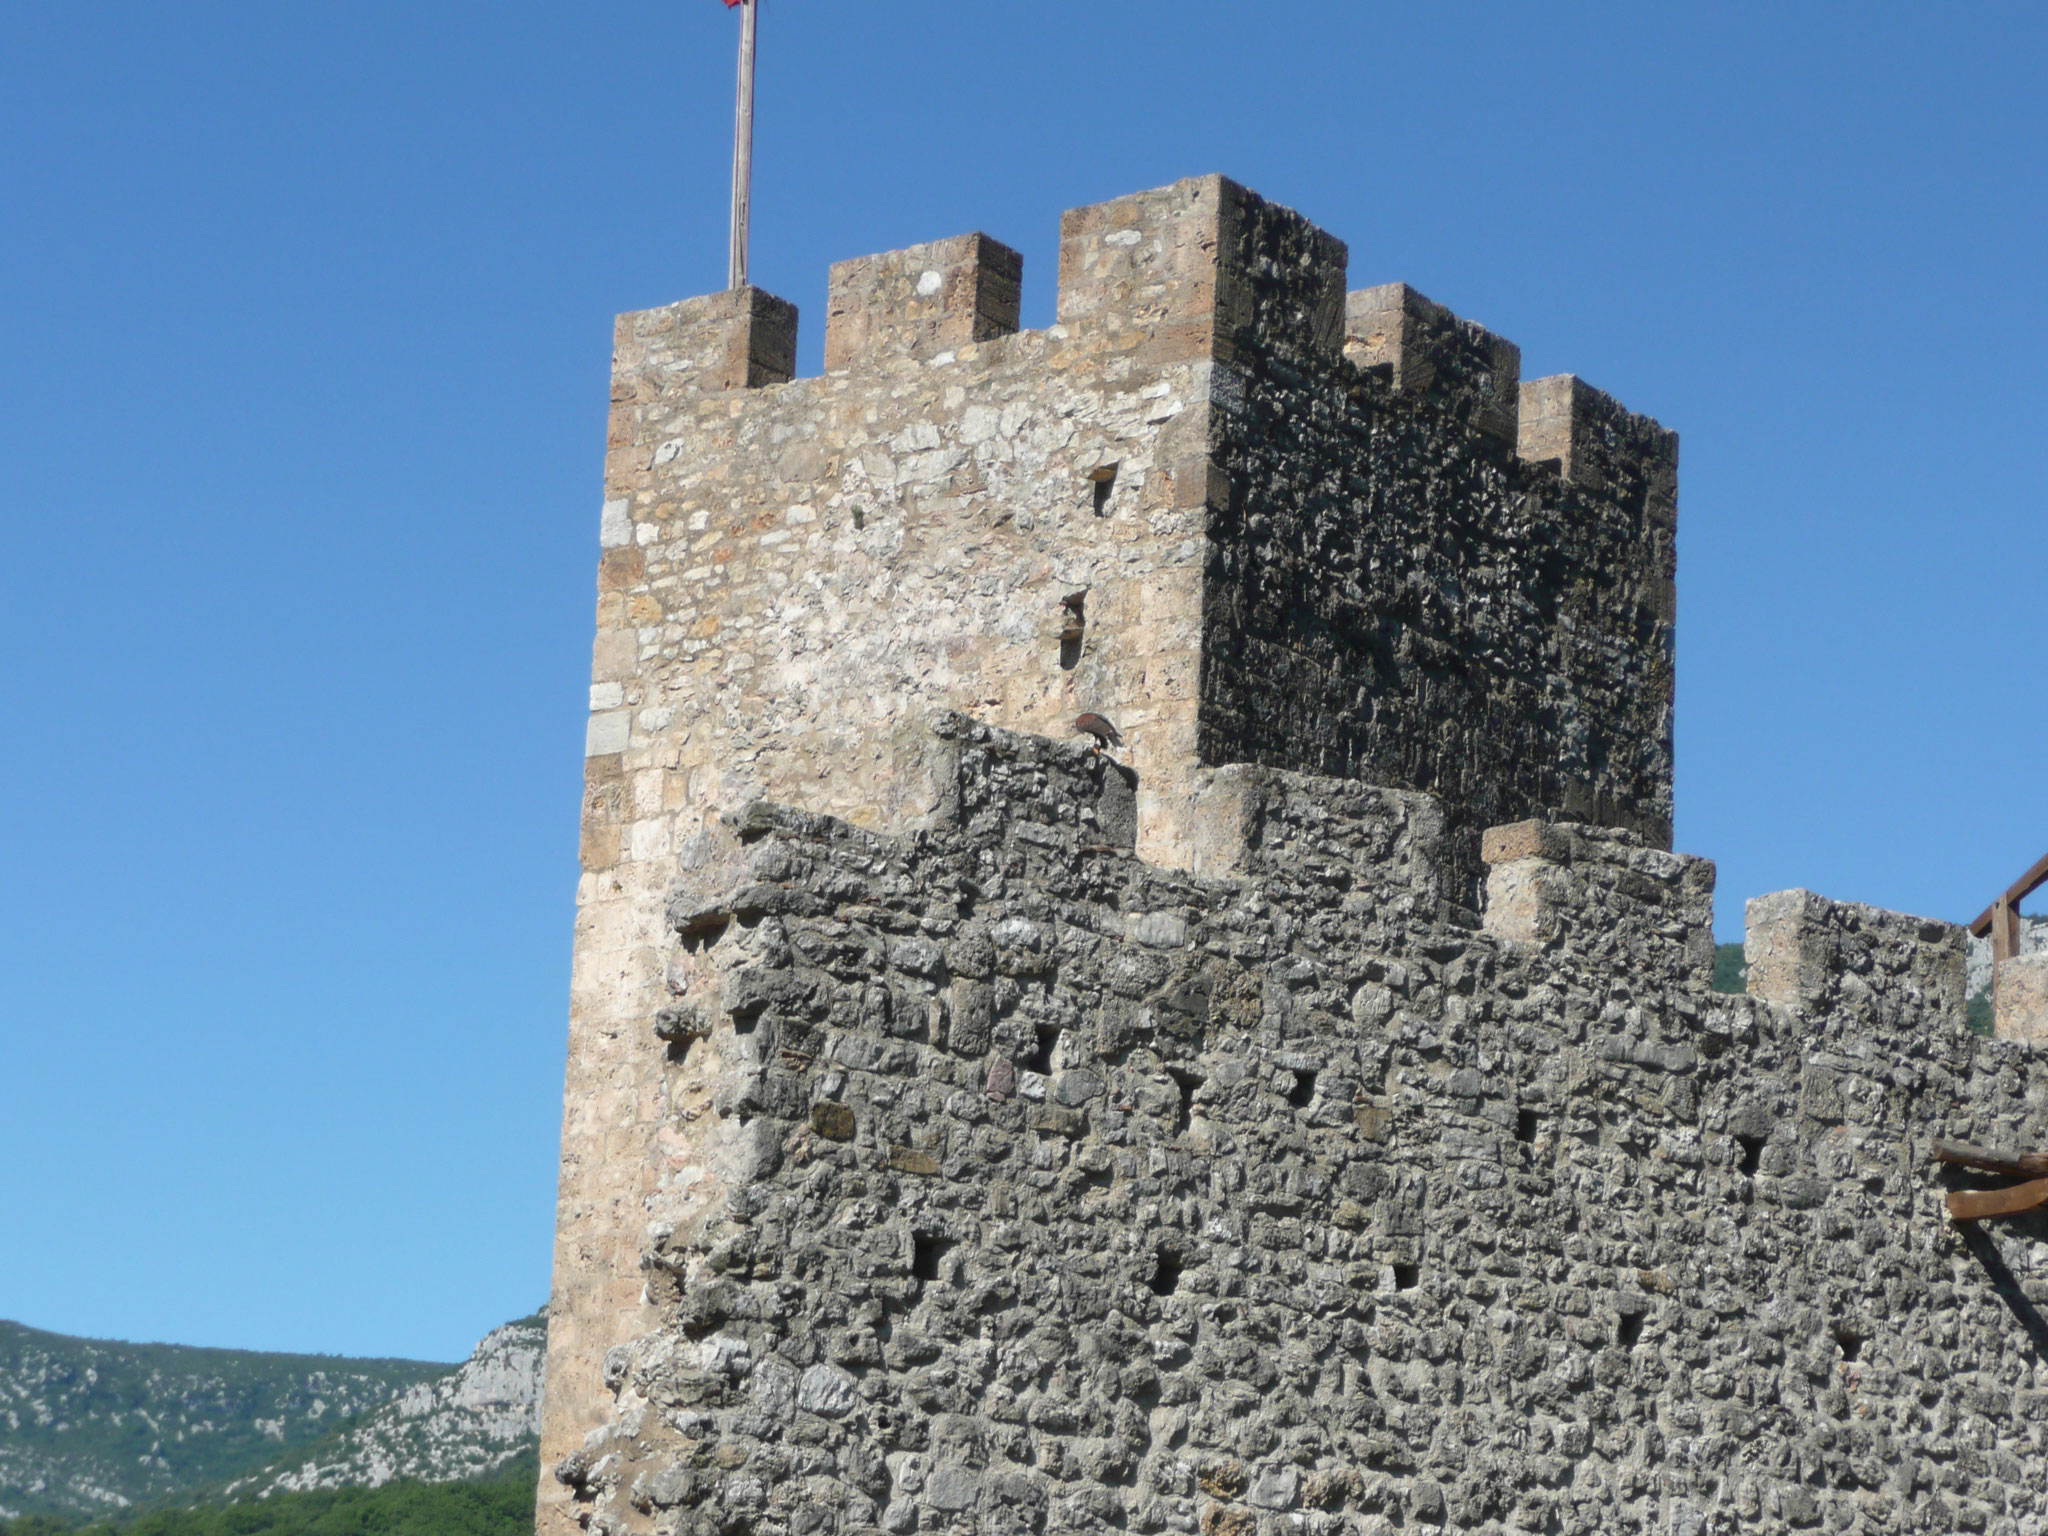 le fauconnier et ses oiseaux au château de Baulx